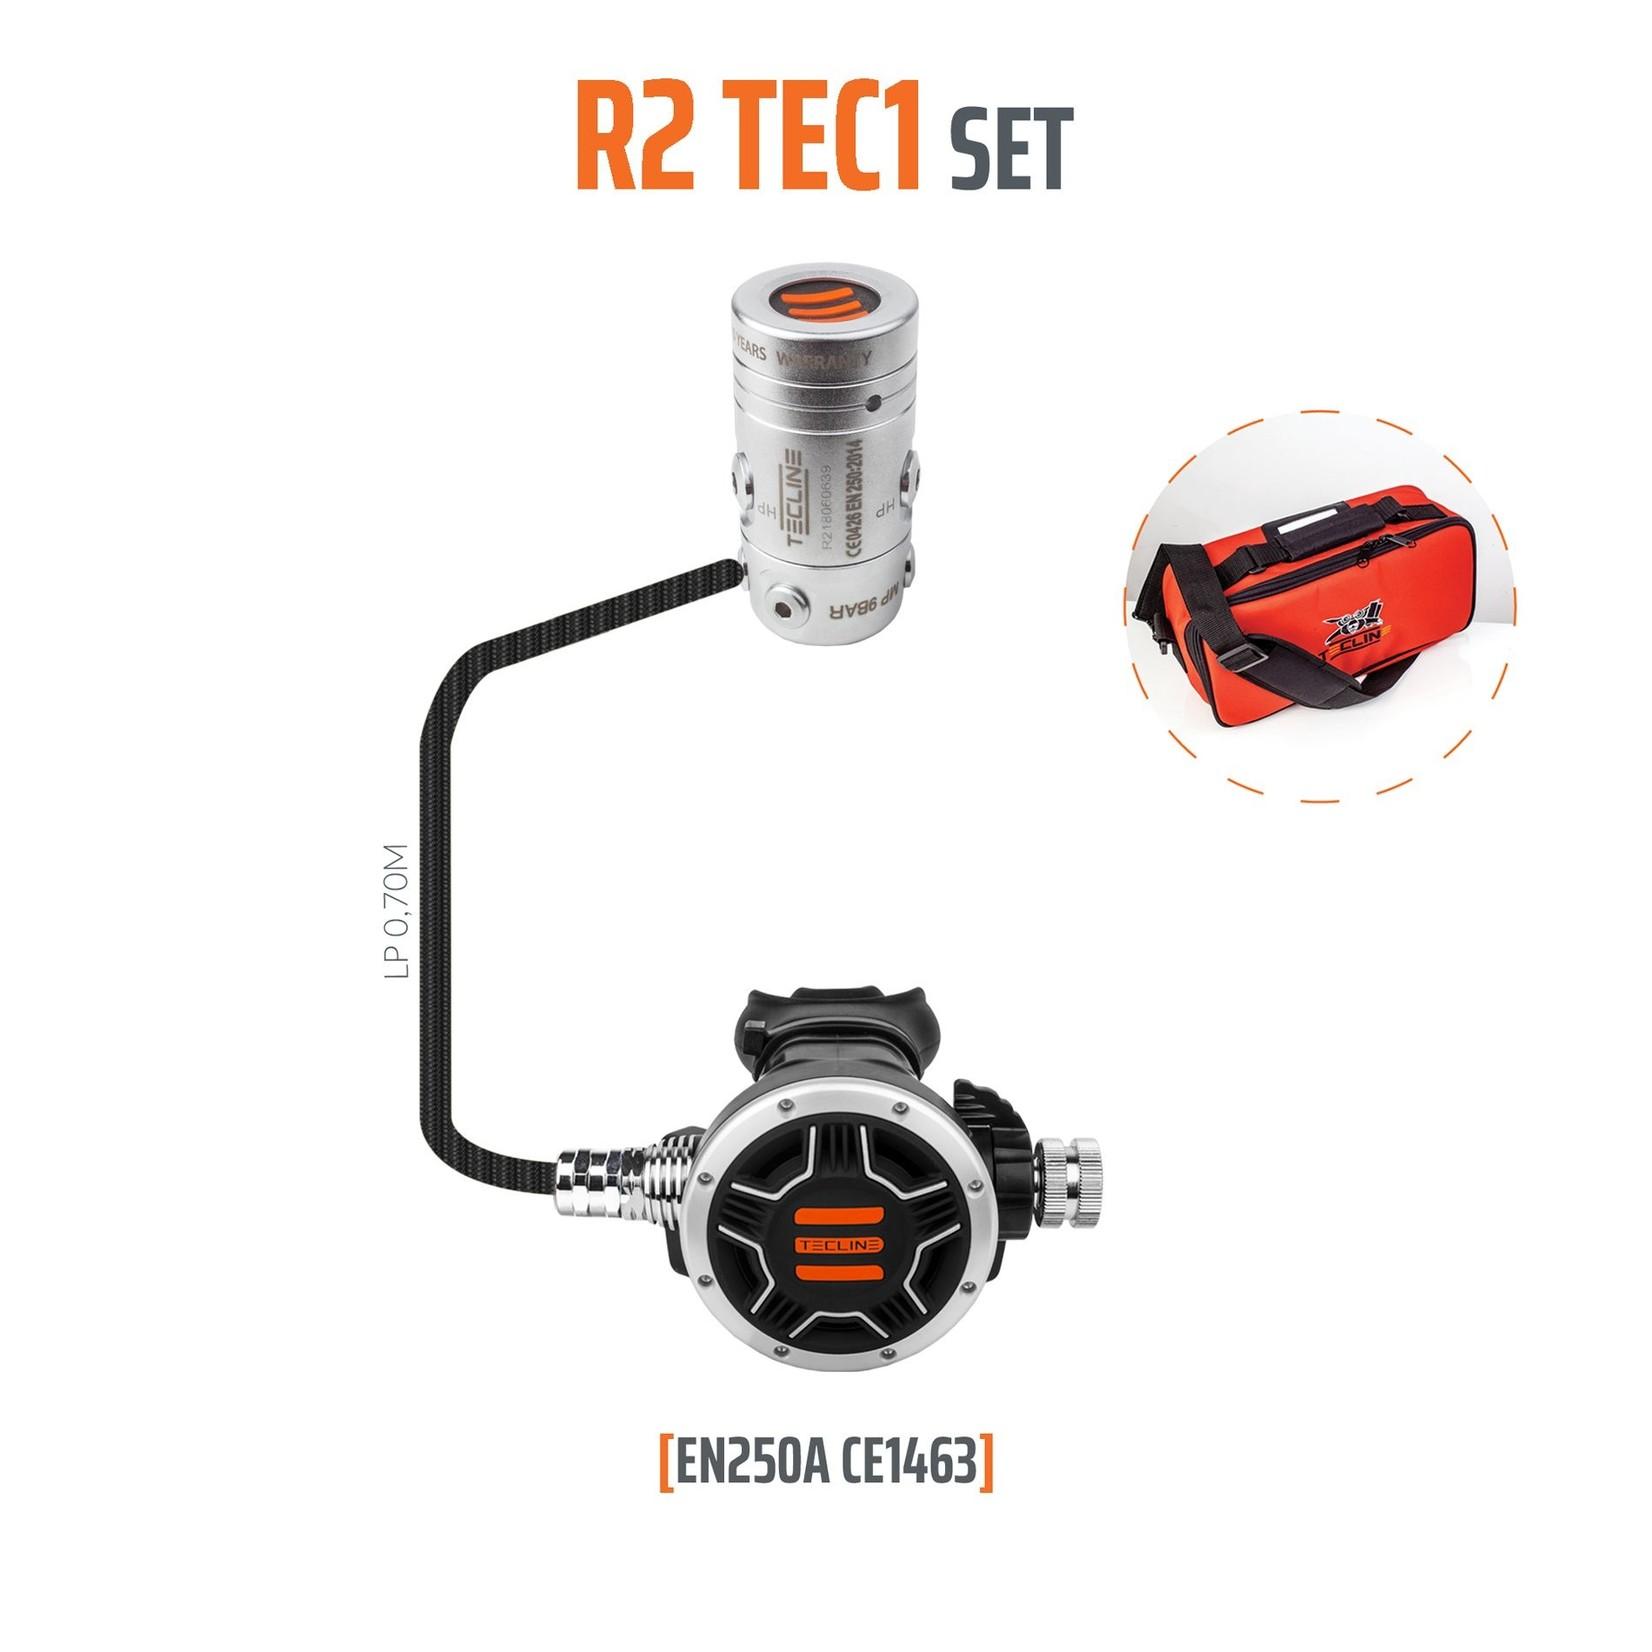 Tecline Regulator R2 TEC1 - EN250A